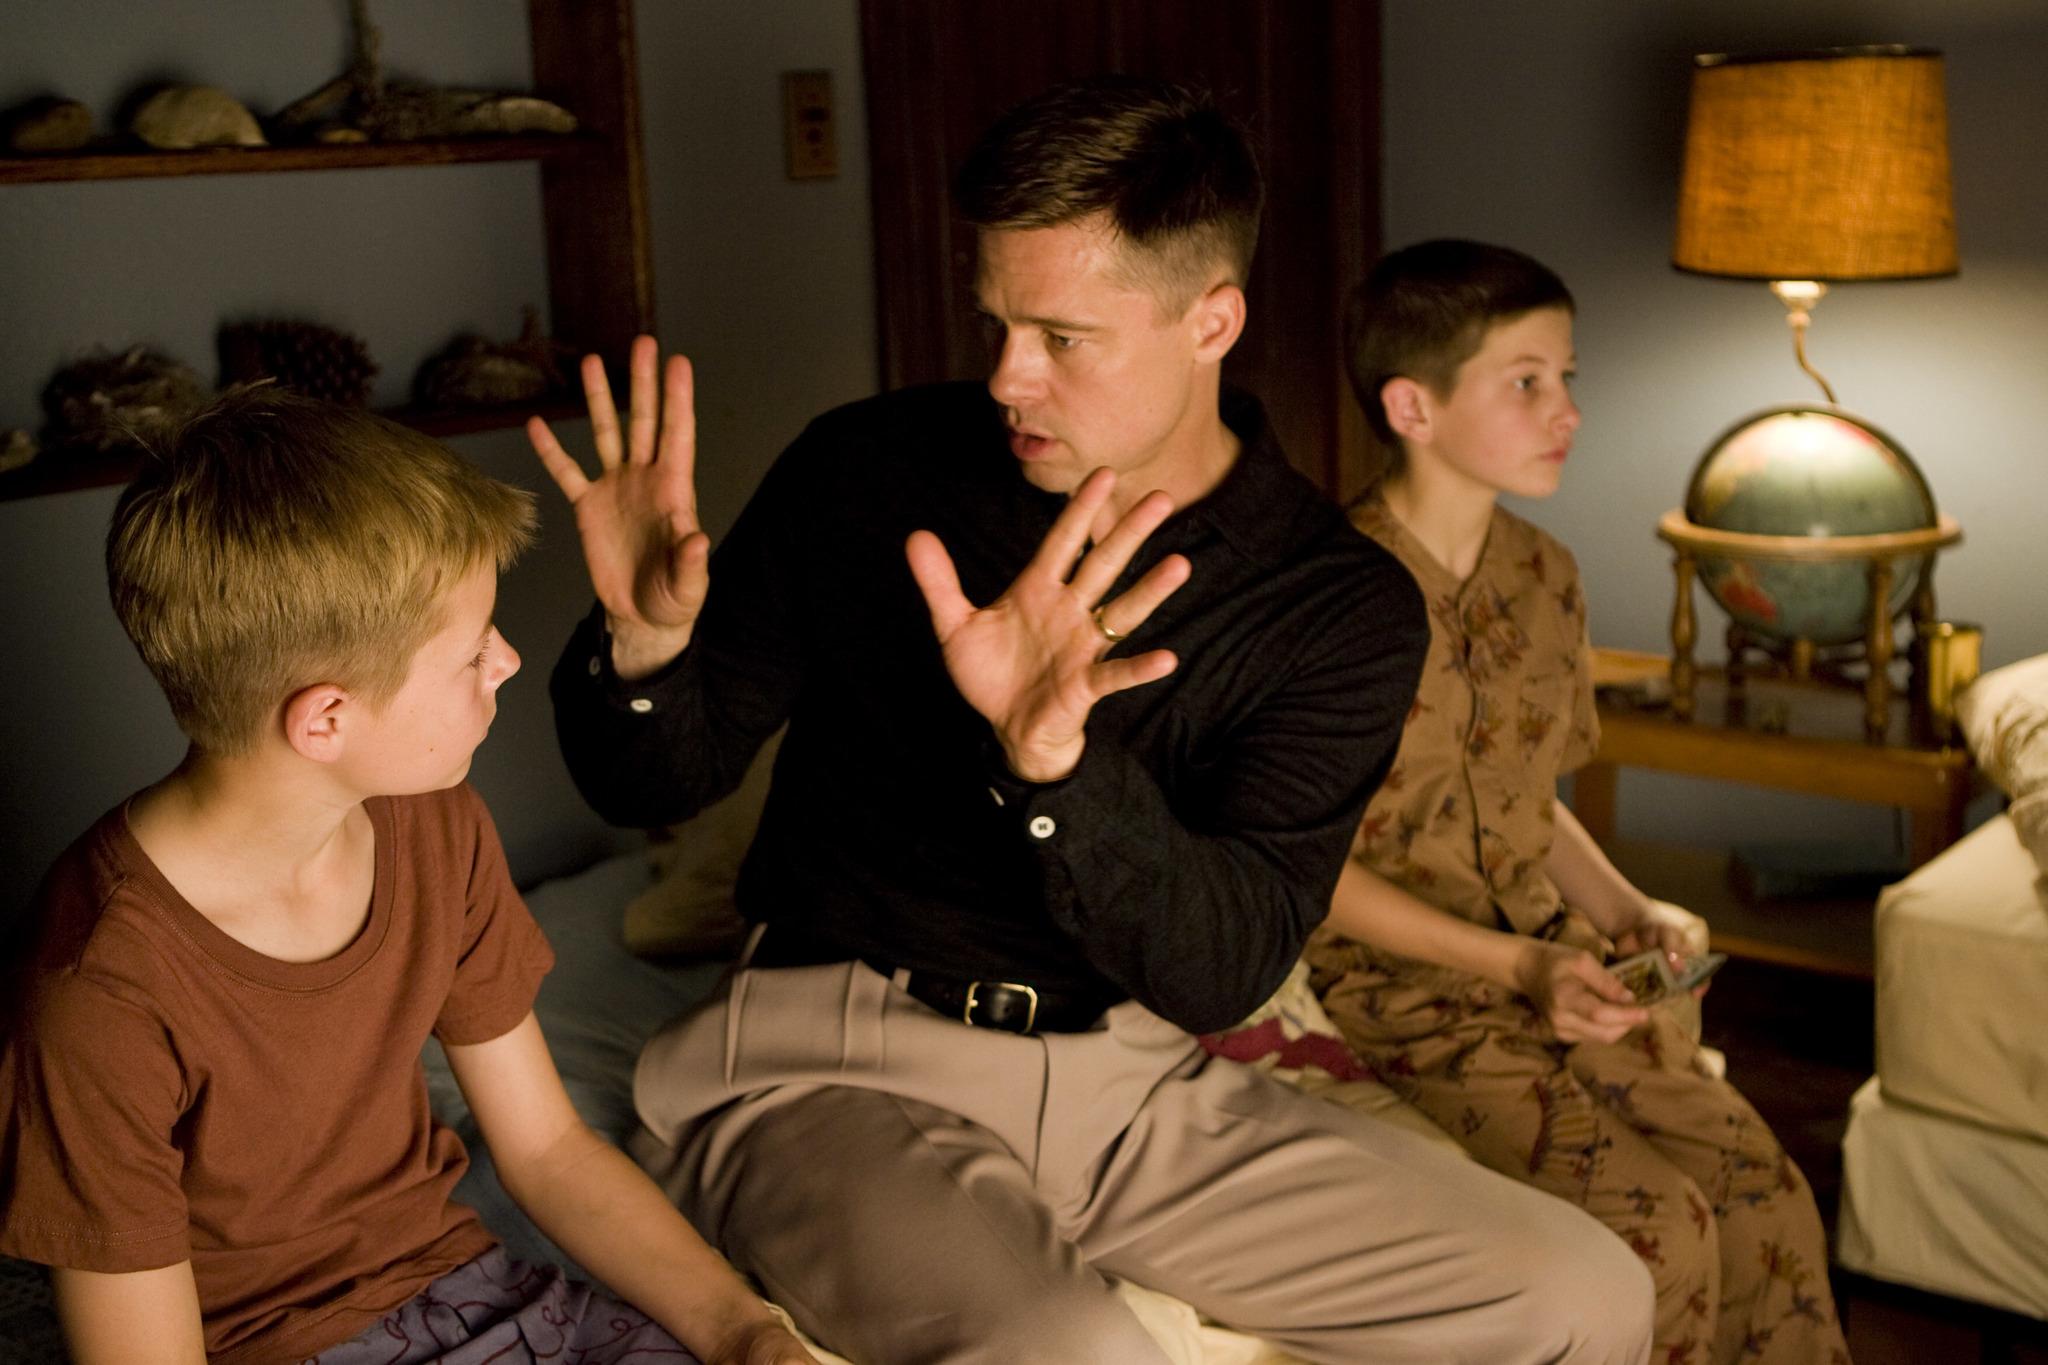 """Fotograma de la película """"El árbol de la vida"""", dirigida por Terrence Malick y protagonizada por Jessica Chastain, Brad Pitt (en la imagen) y Sean Penn."""